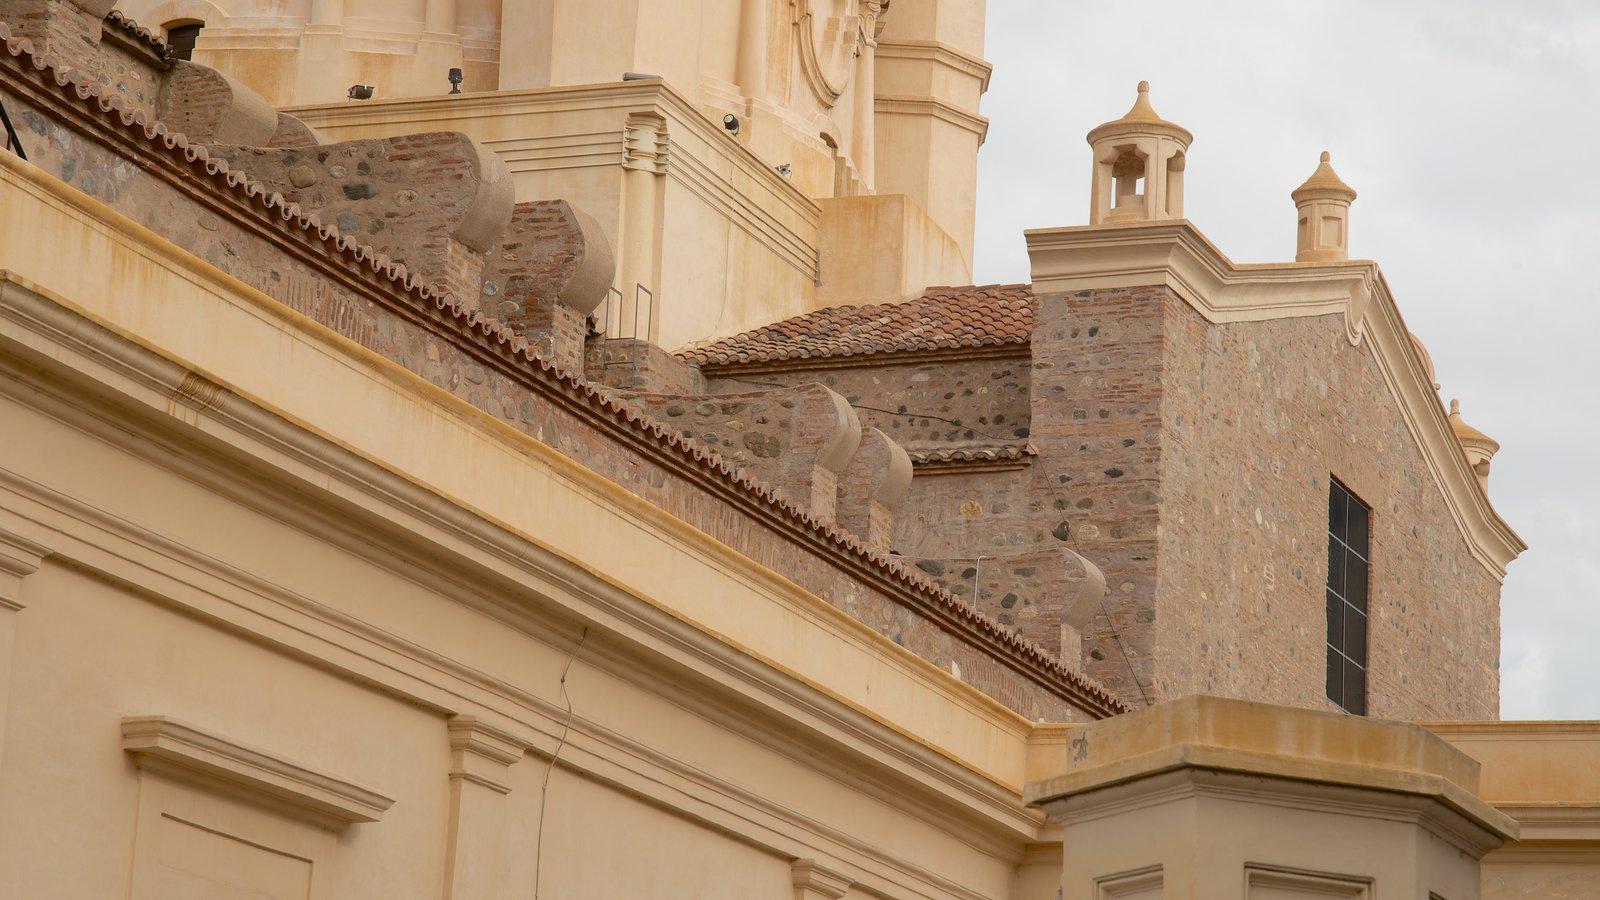 Catedral de Cordoba que inclui aspectos religiosos, uma igreja ou catedral e arquitetura de patrimônio